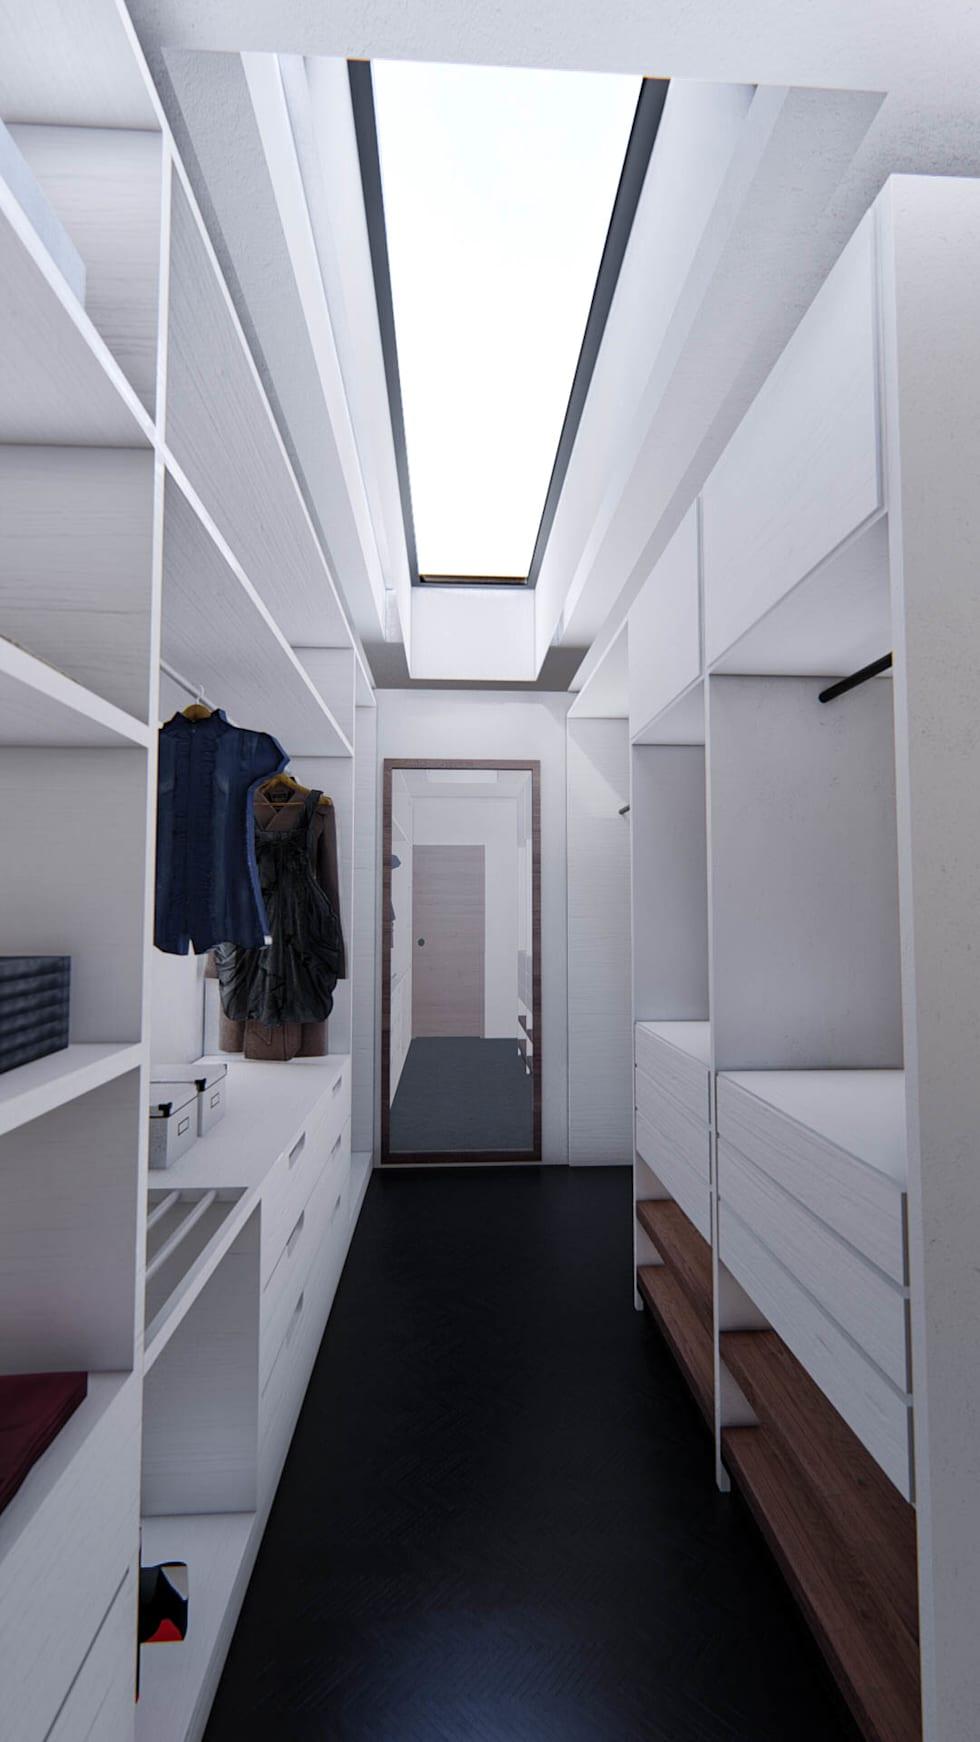 Proyecto para una residencia de estilo moderno contemporáneo vestidor